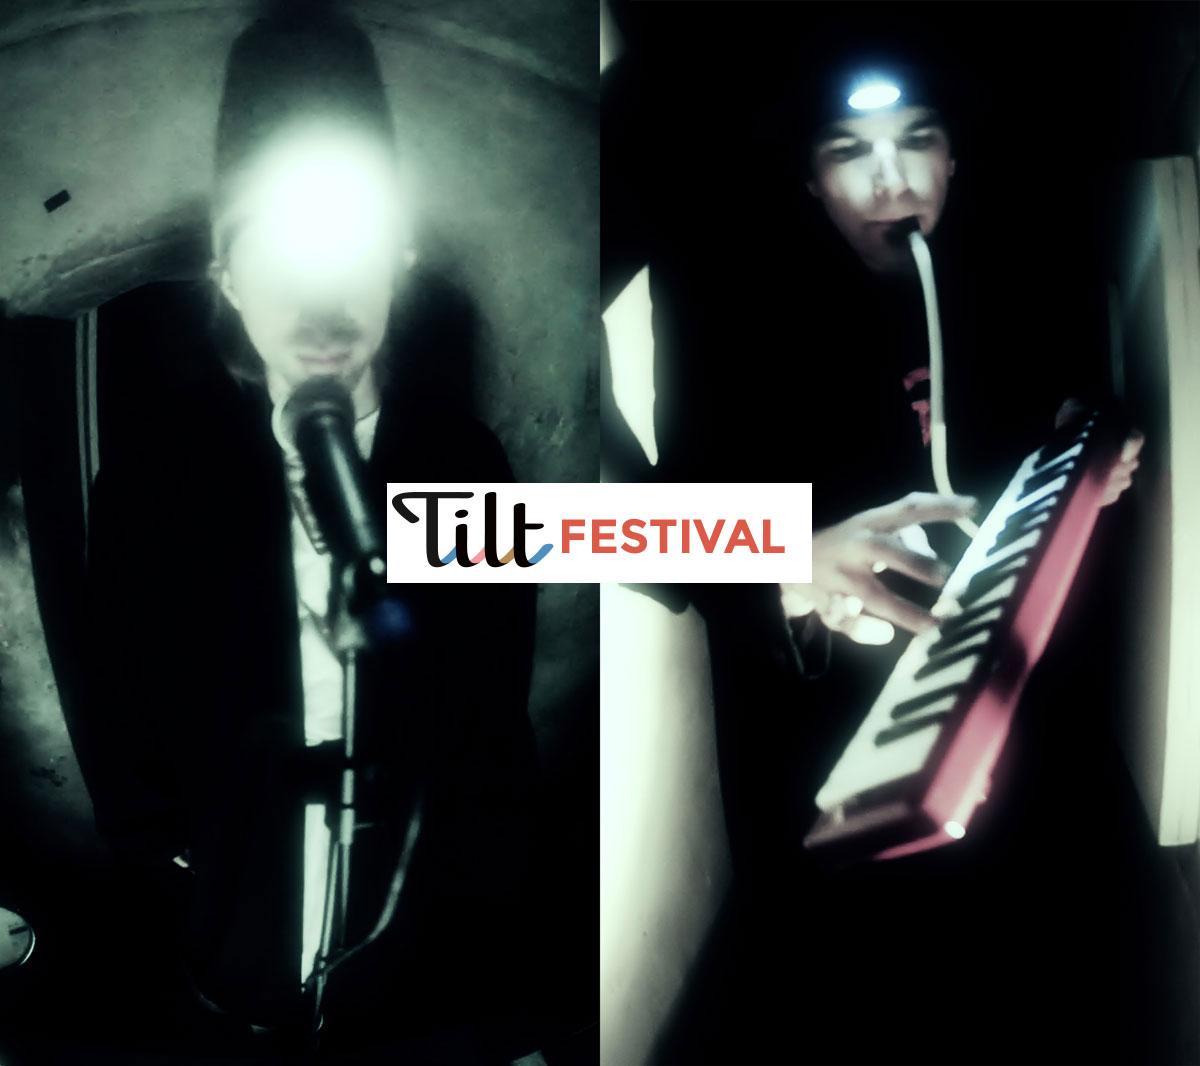 IKEGO @ Tilt Festival